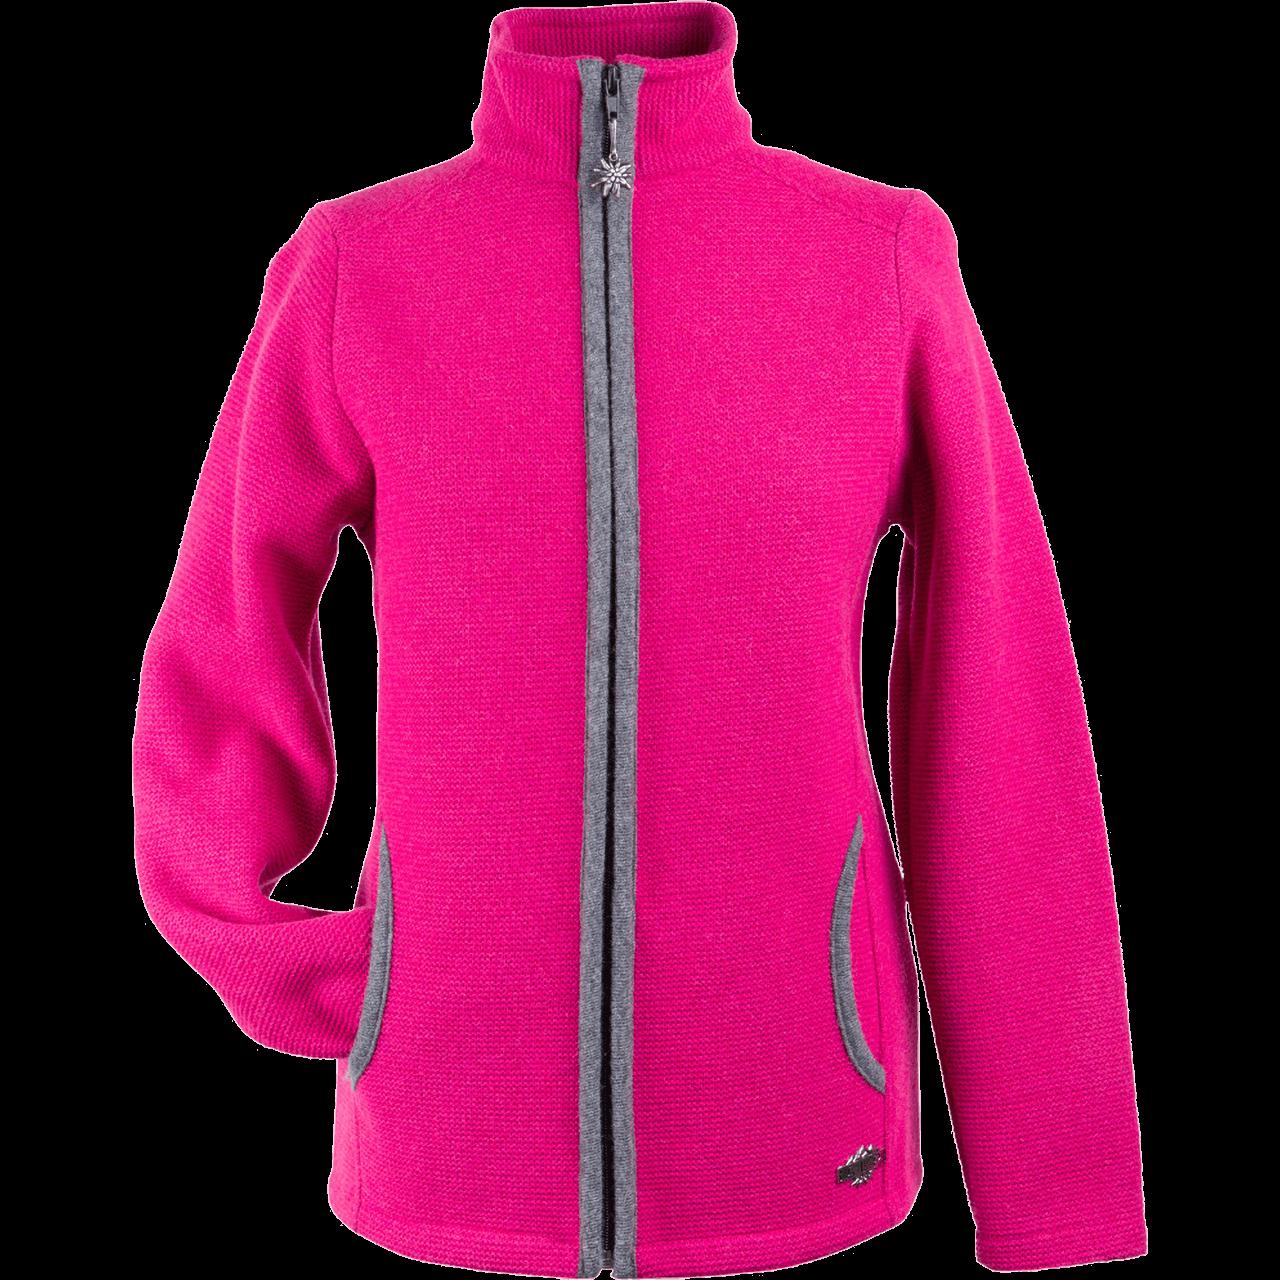 giacca-donna-326301-alp1964